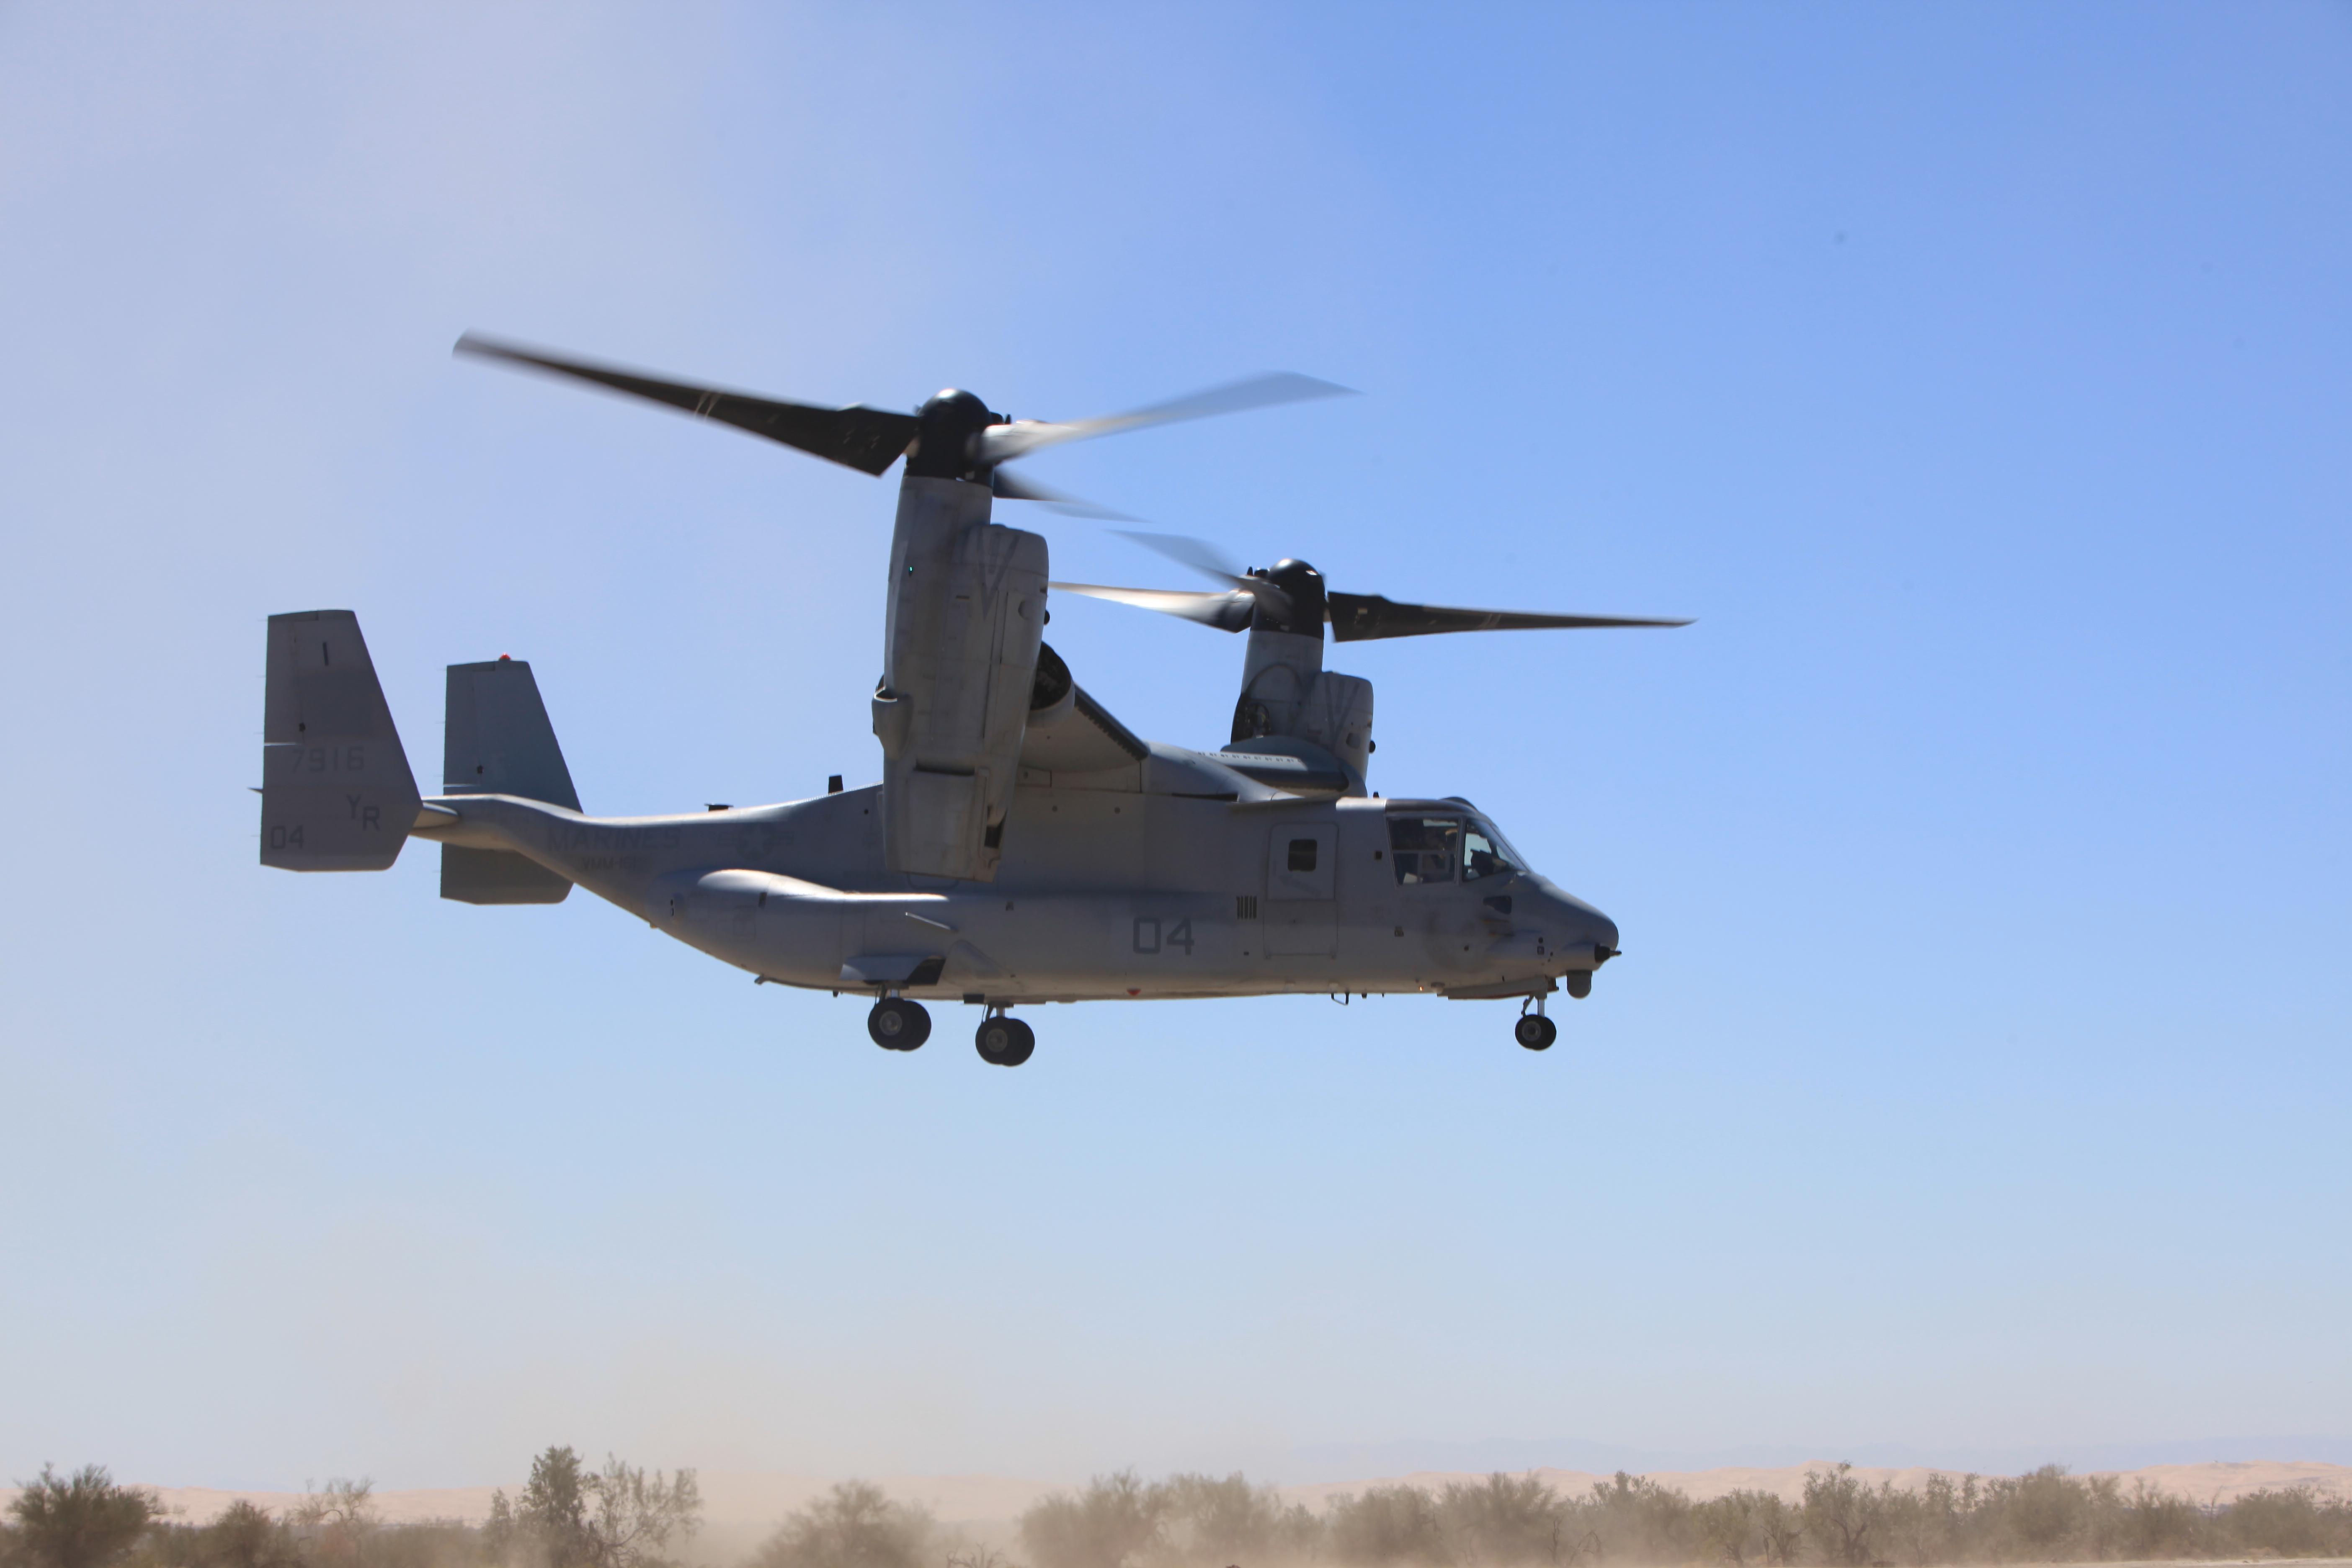 Elicottero Osprey : File u s marine corps mv b osprey aircraft with